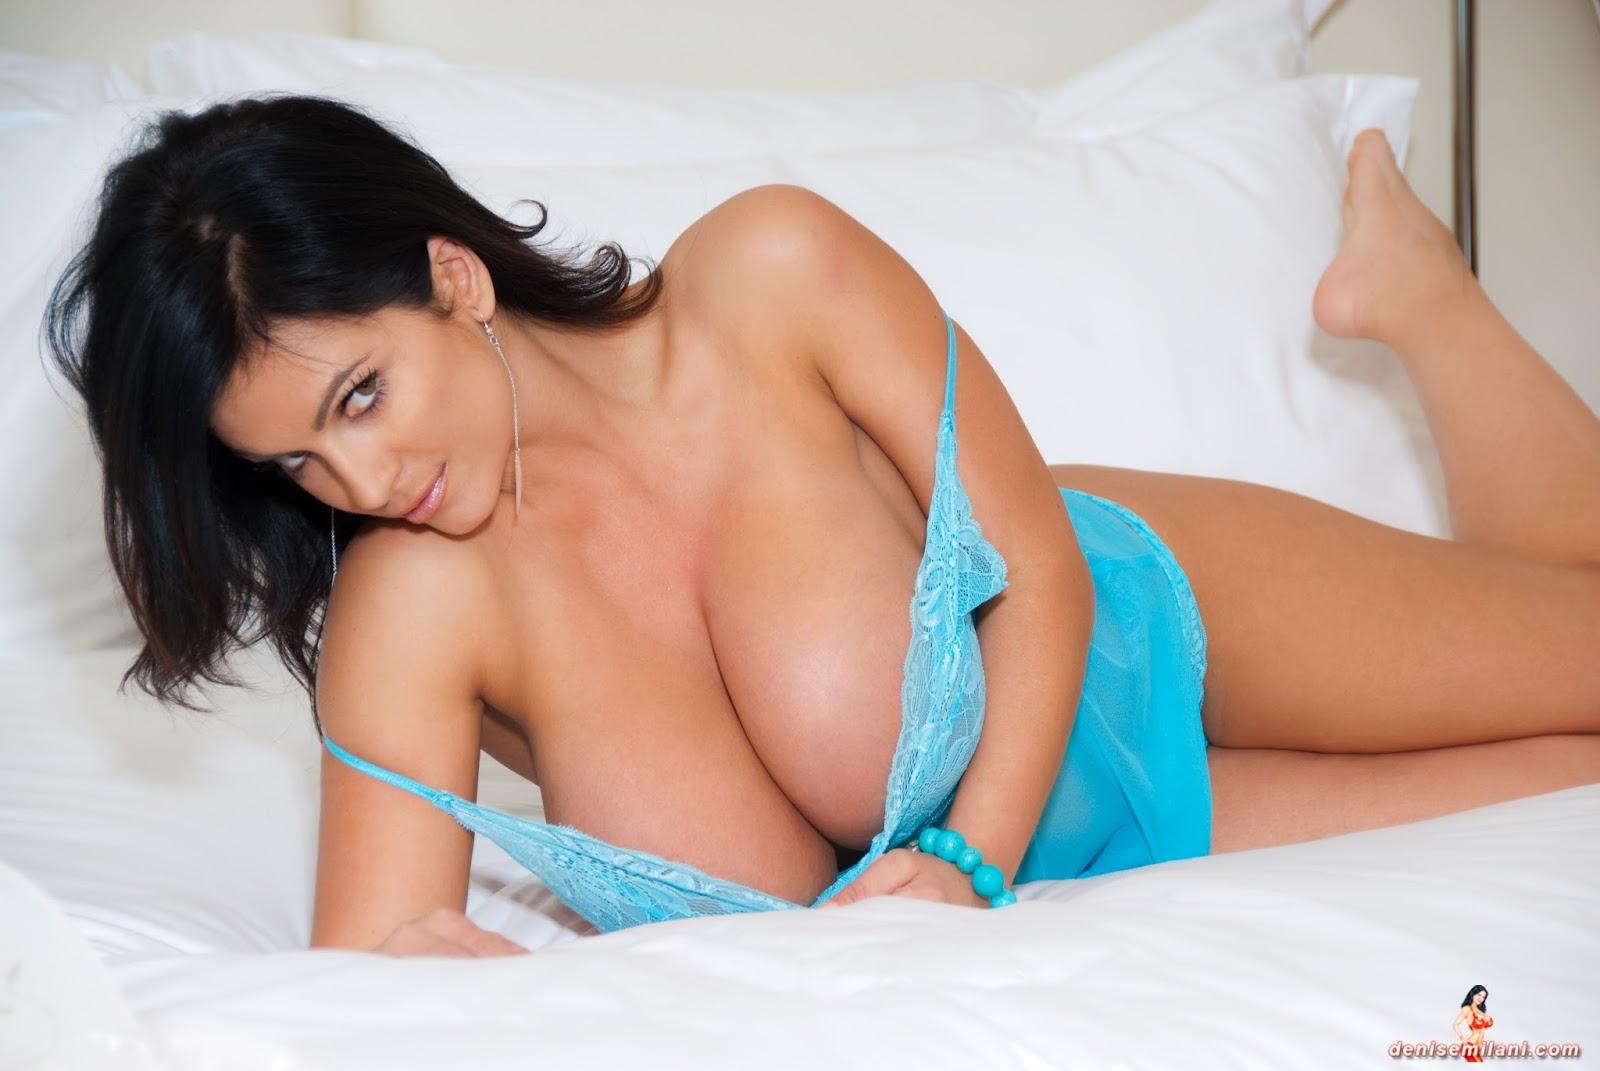 Mature amateur milf big nipples